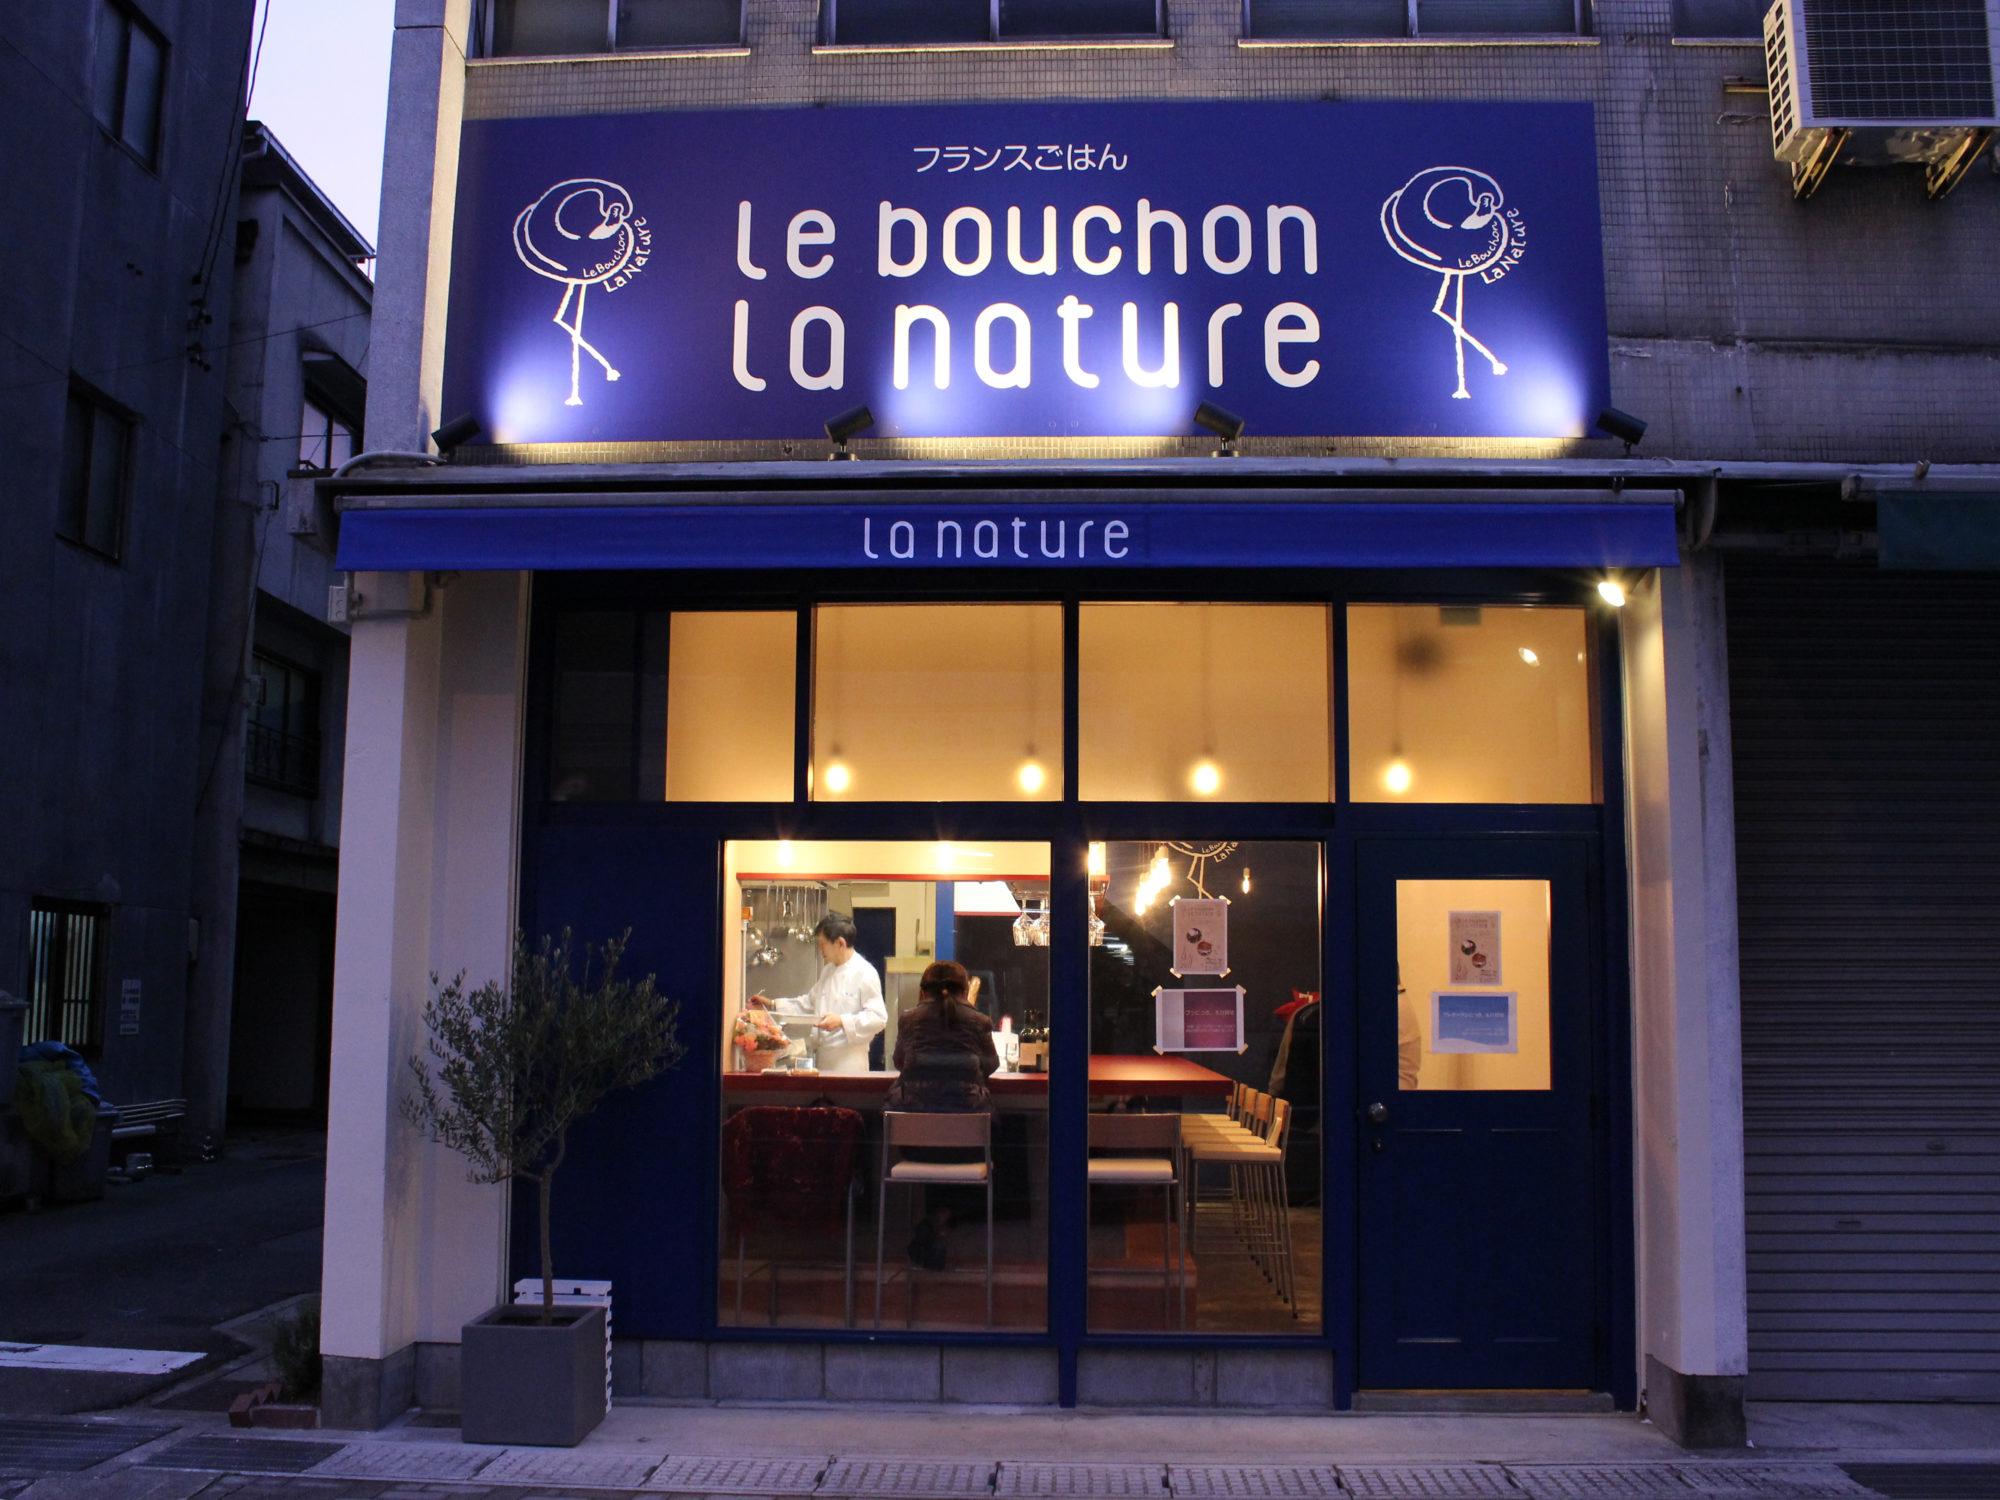 リヨン郷土料理とケルト音楽を楽しめる気軽で楽しい店